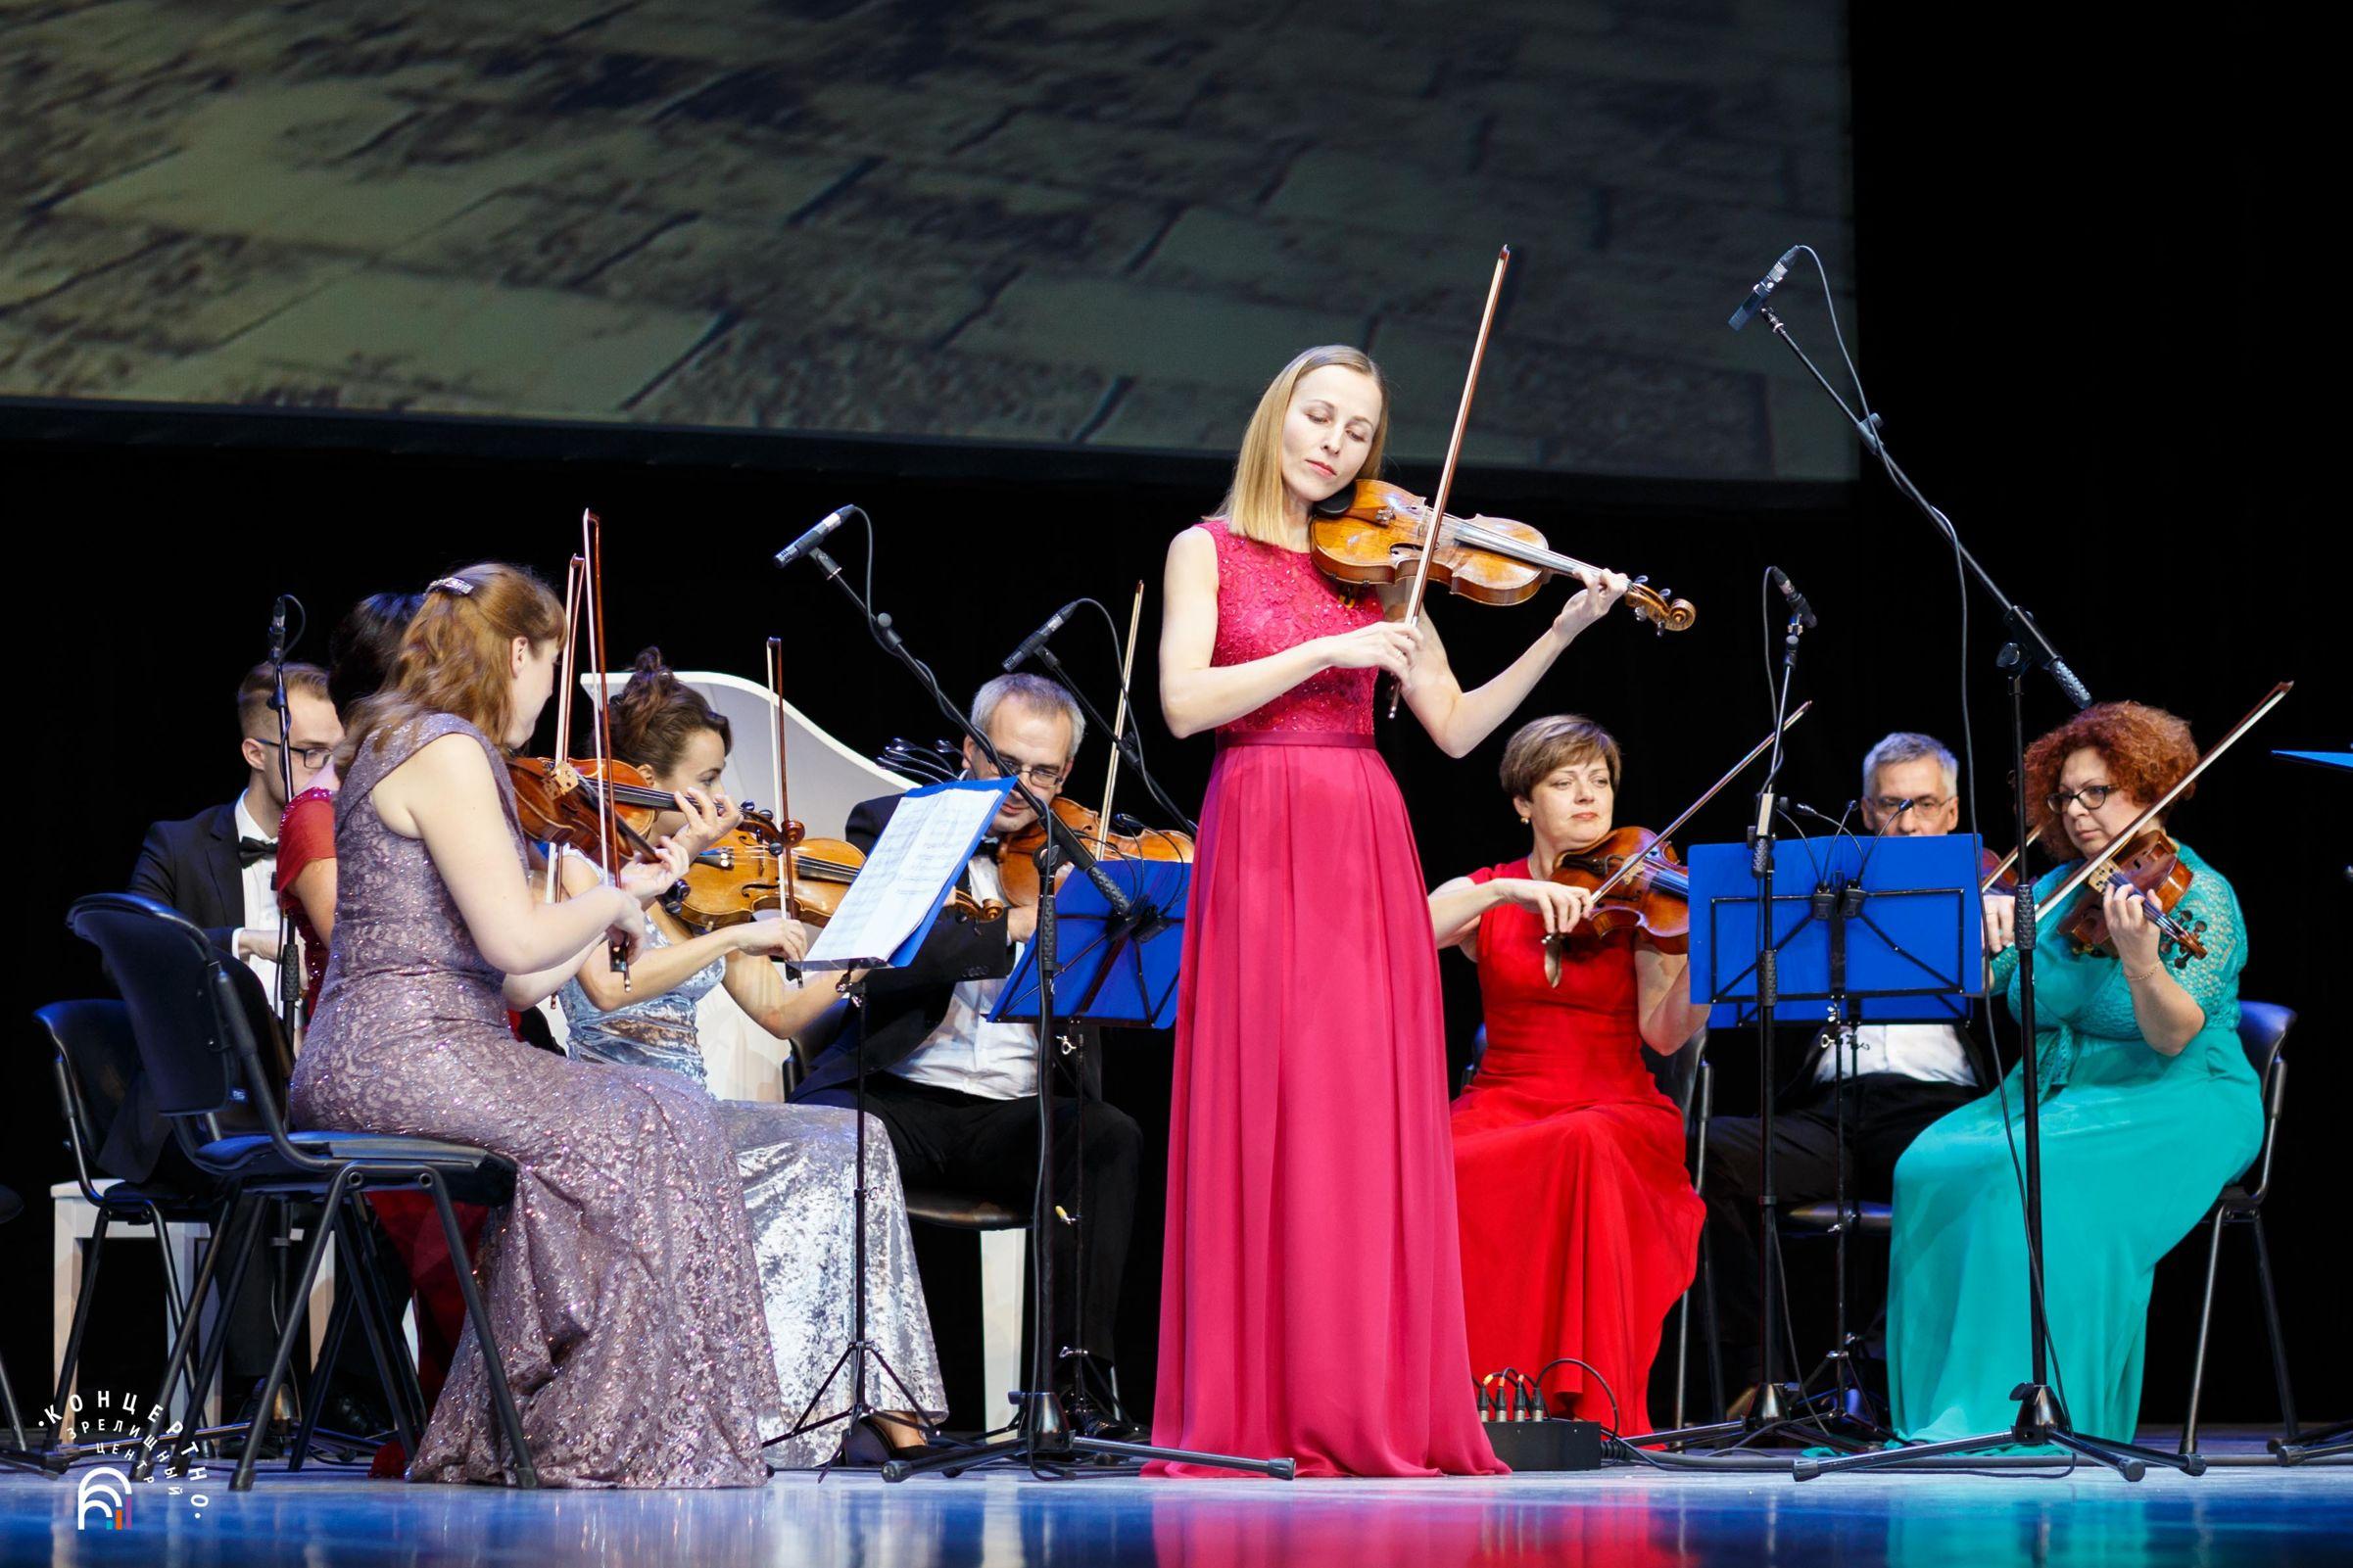 На «Коган-фестивале» в Ярославле представили уникальную скрипку, посвященную Валентине Терешковой